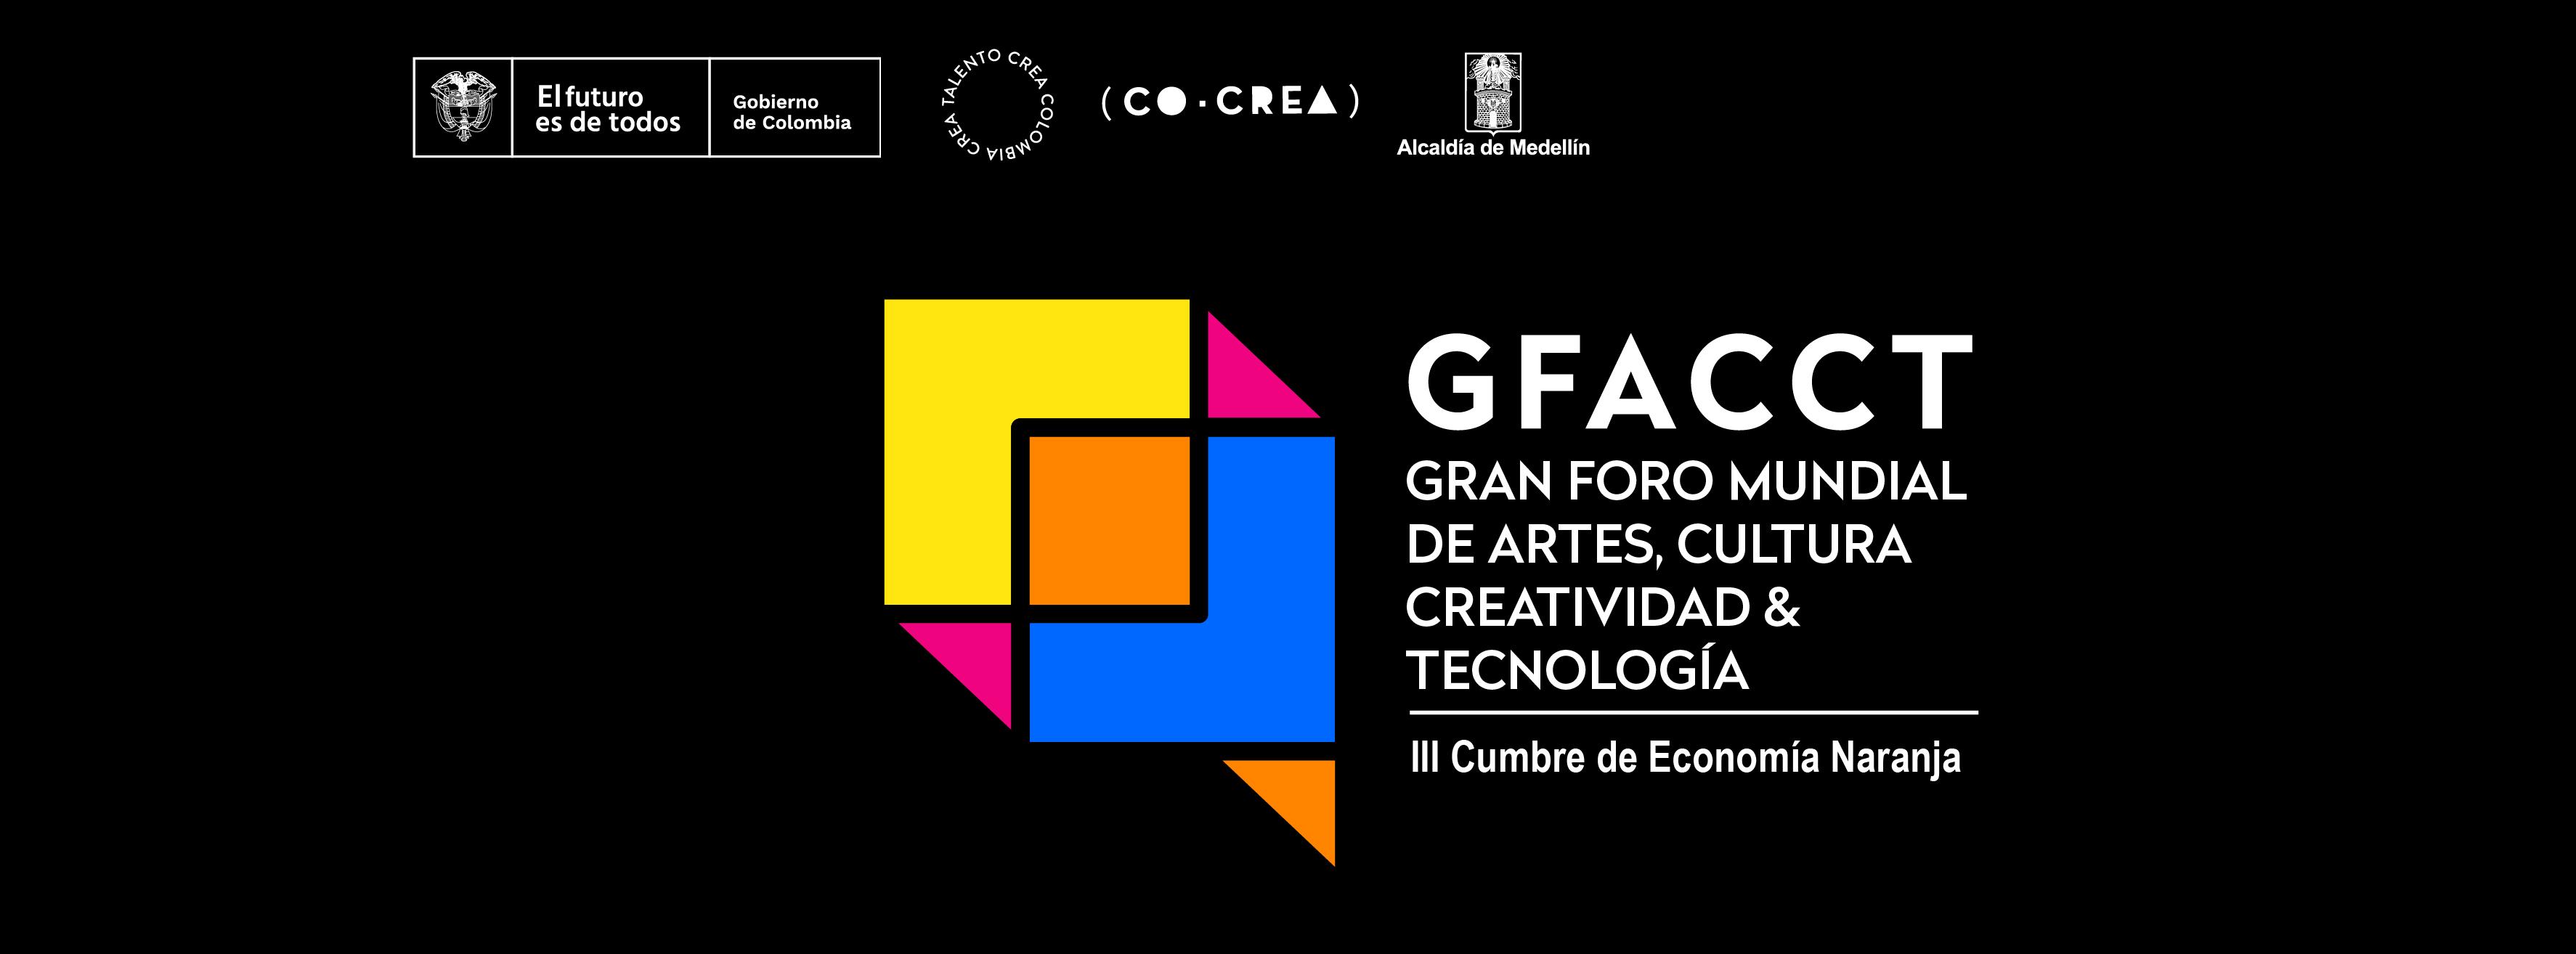 Gran Foro Mundial de Arte Cultura Creatividad y Tecnología GFACCT 2021